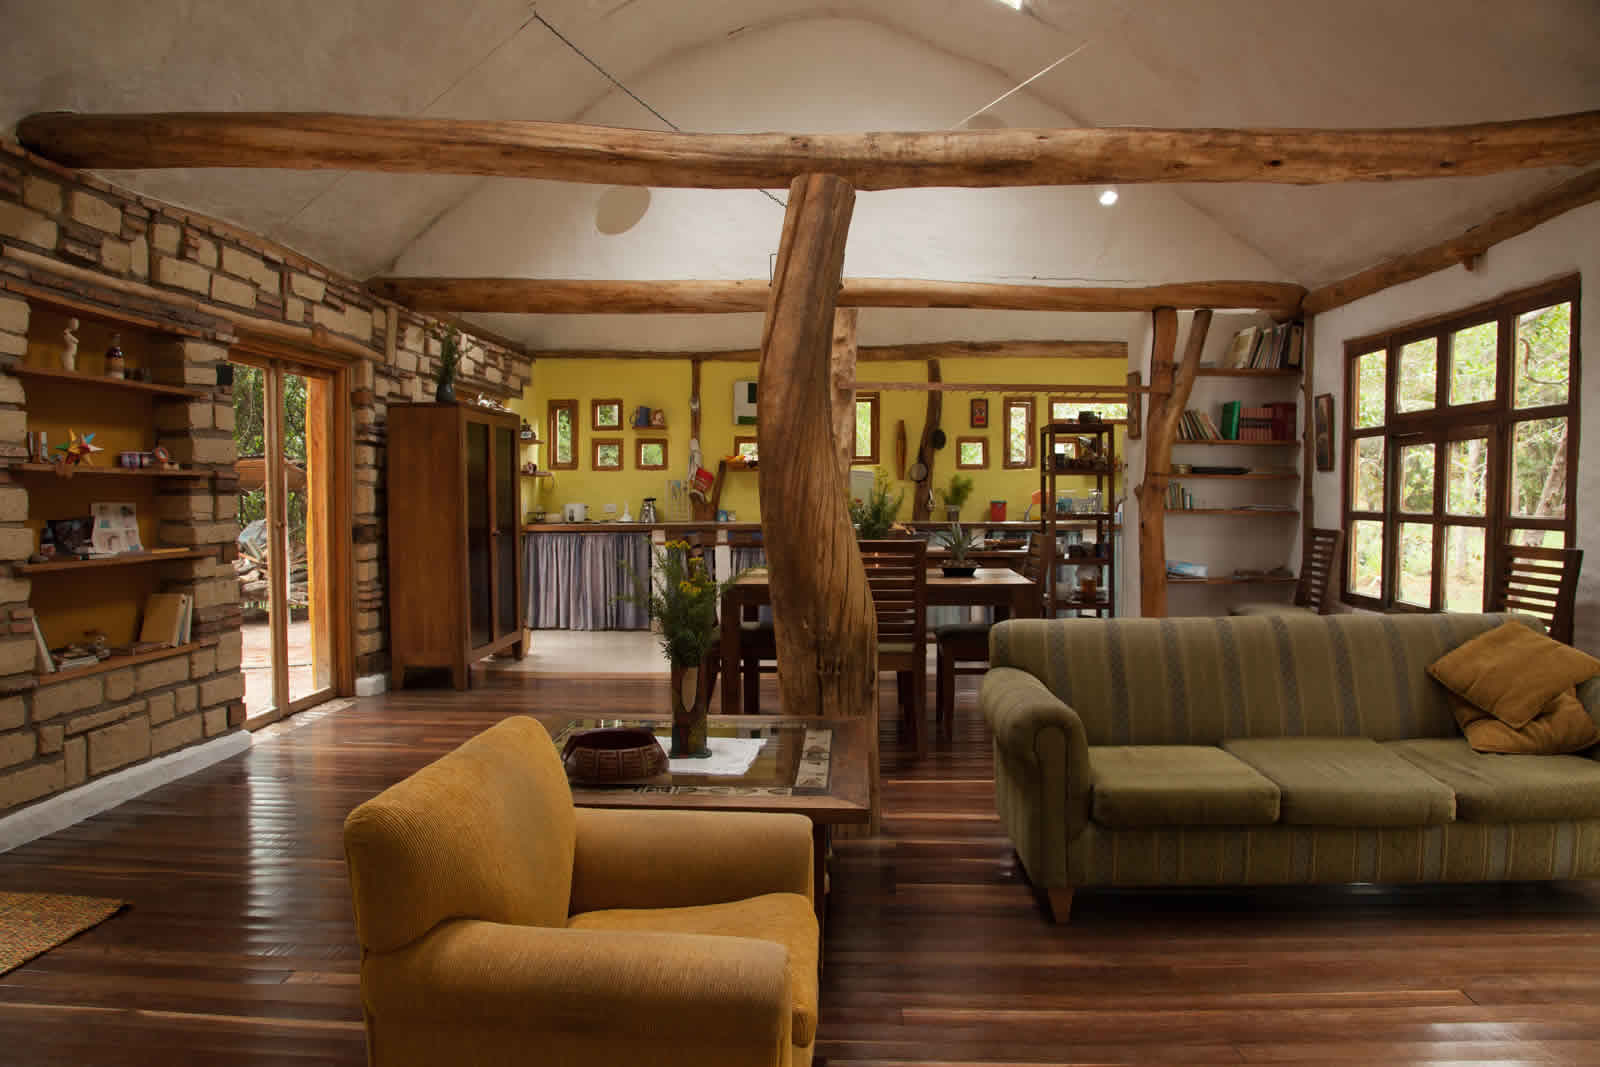 Alquiler cabaña La Colorada 2 en Villa de Leyva - Sala